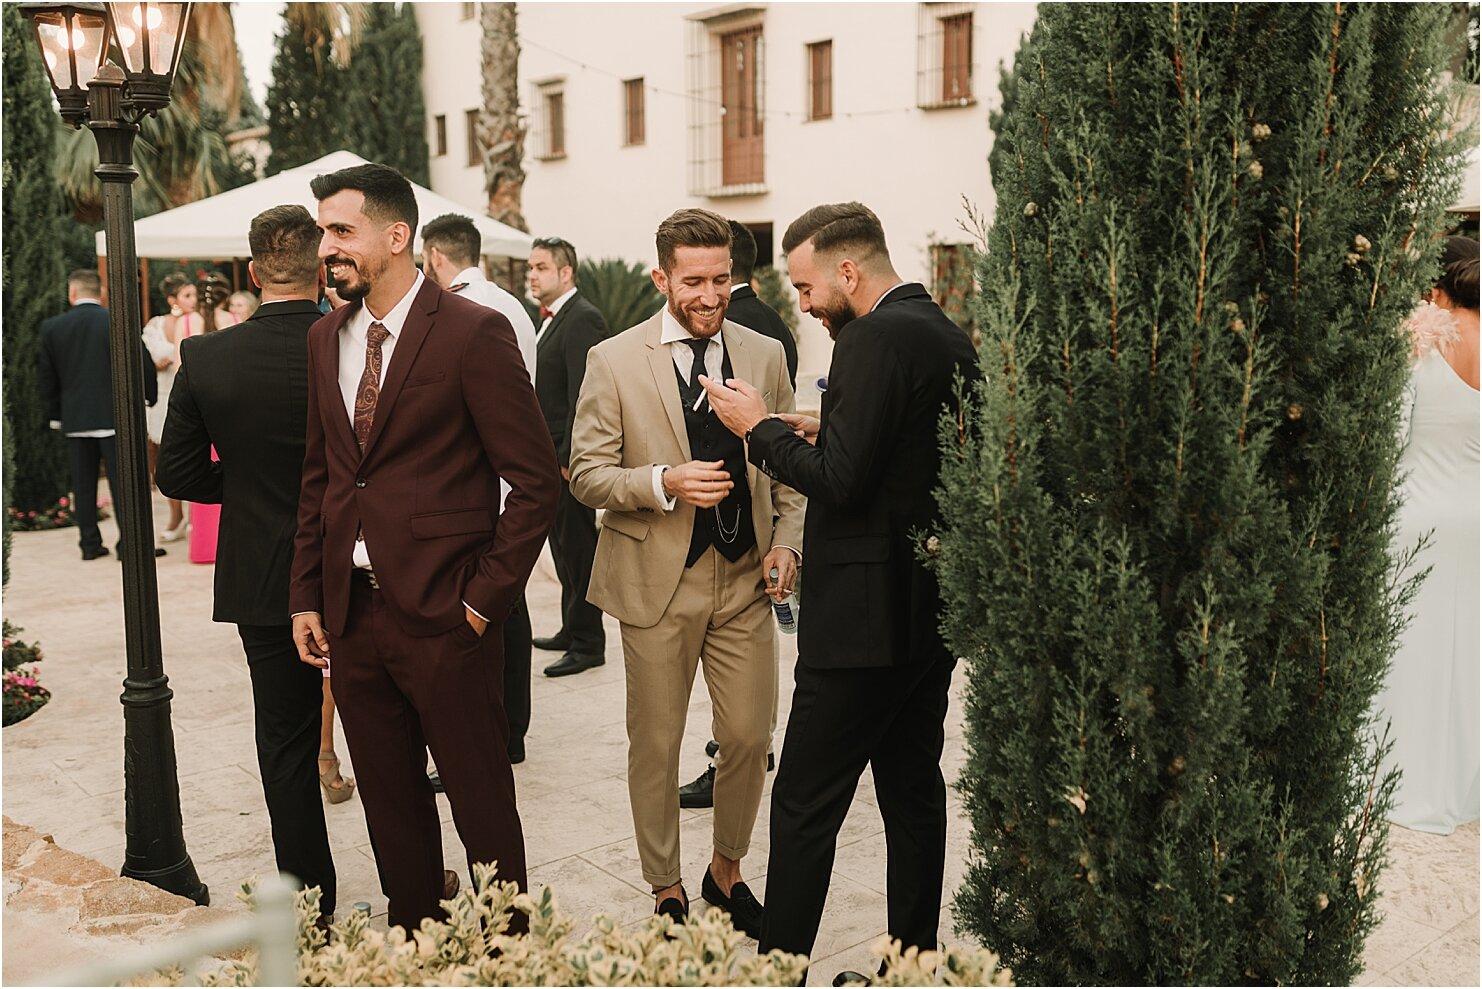 boda-romantica-boda-boho-vestido-de-novia-laura-lomas6.jpg